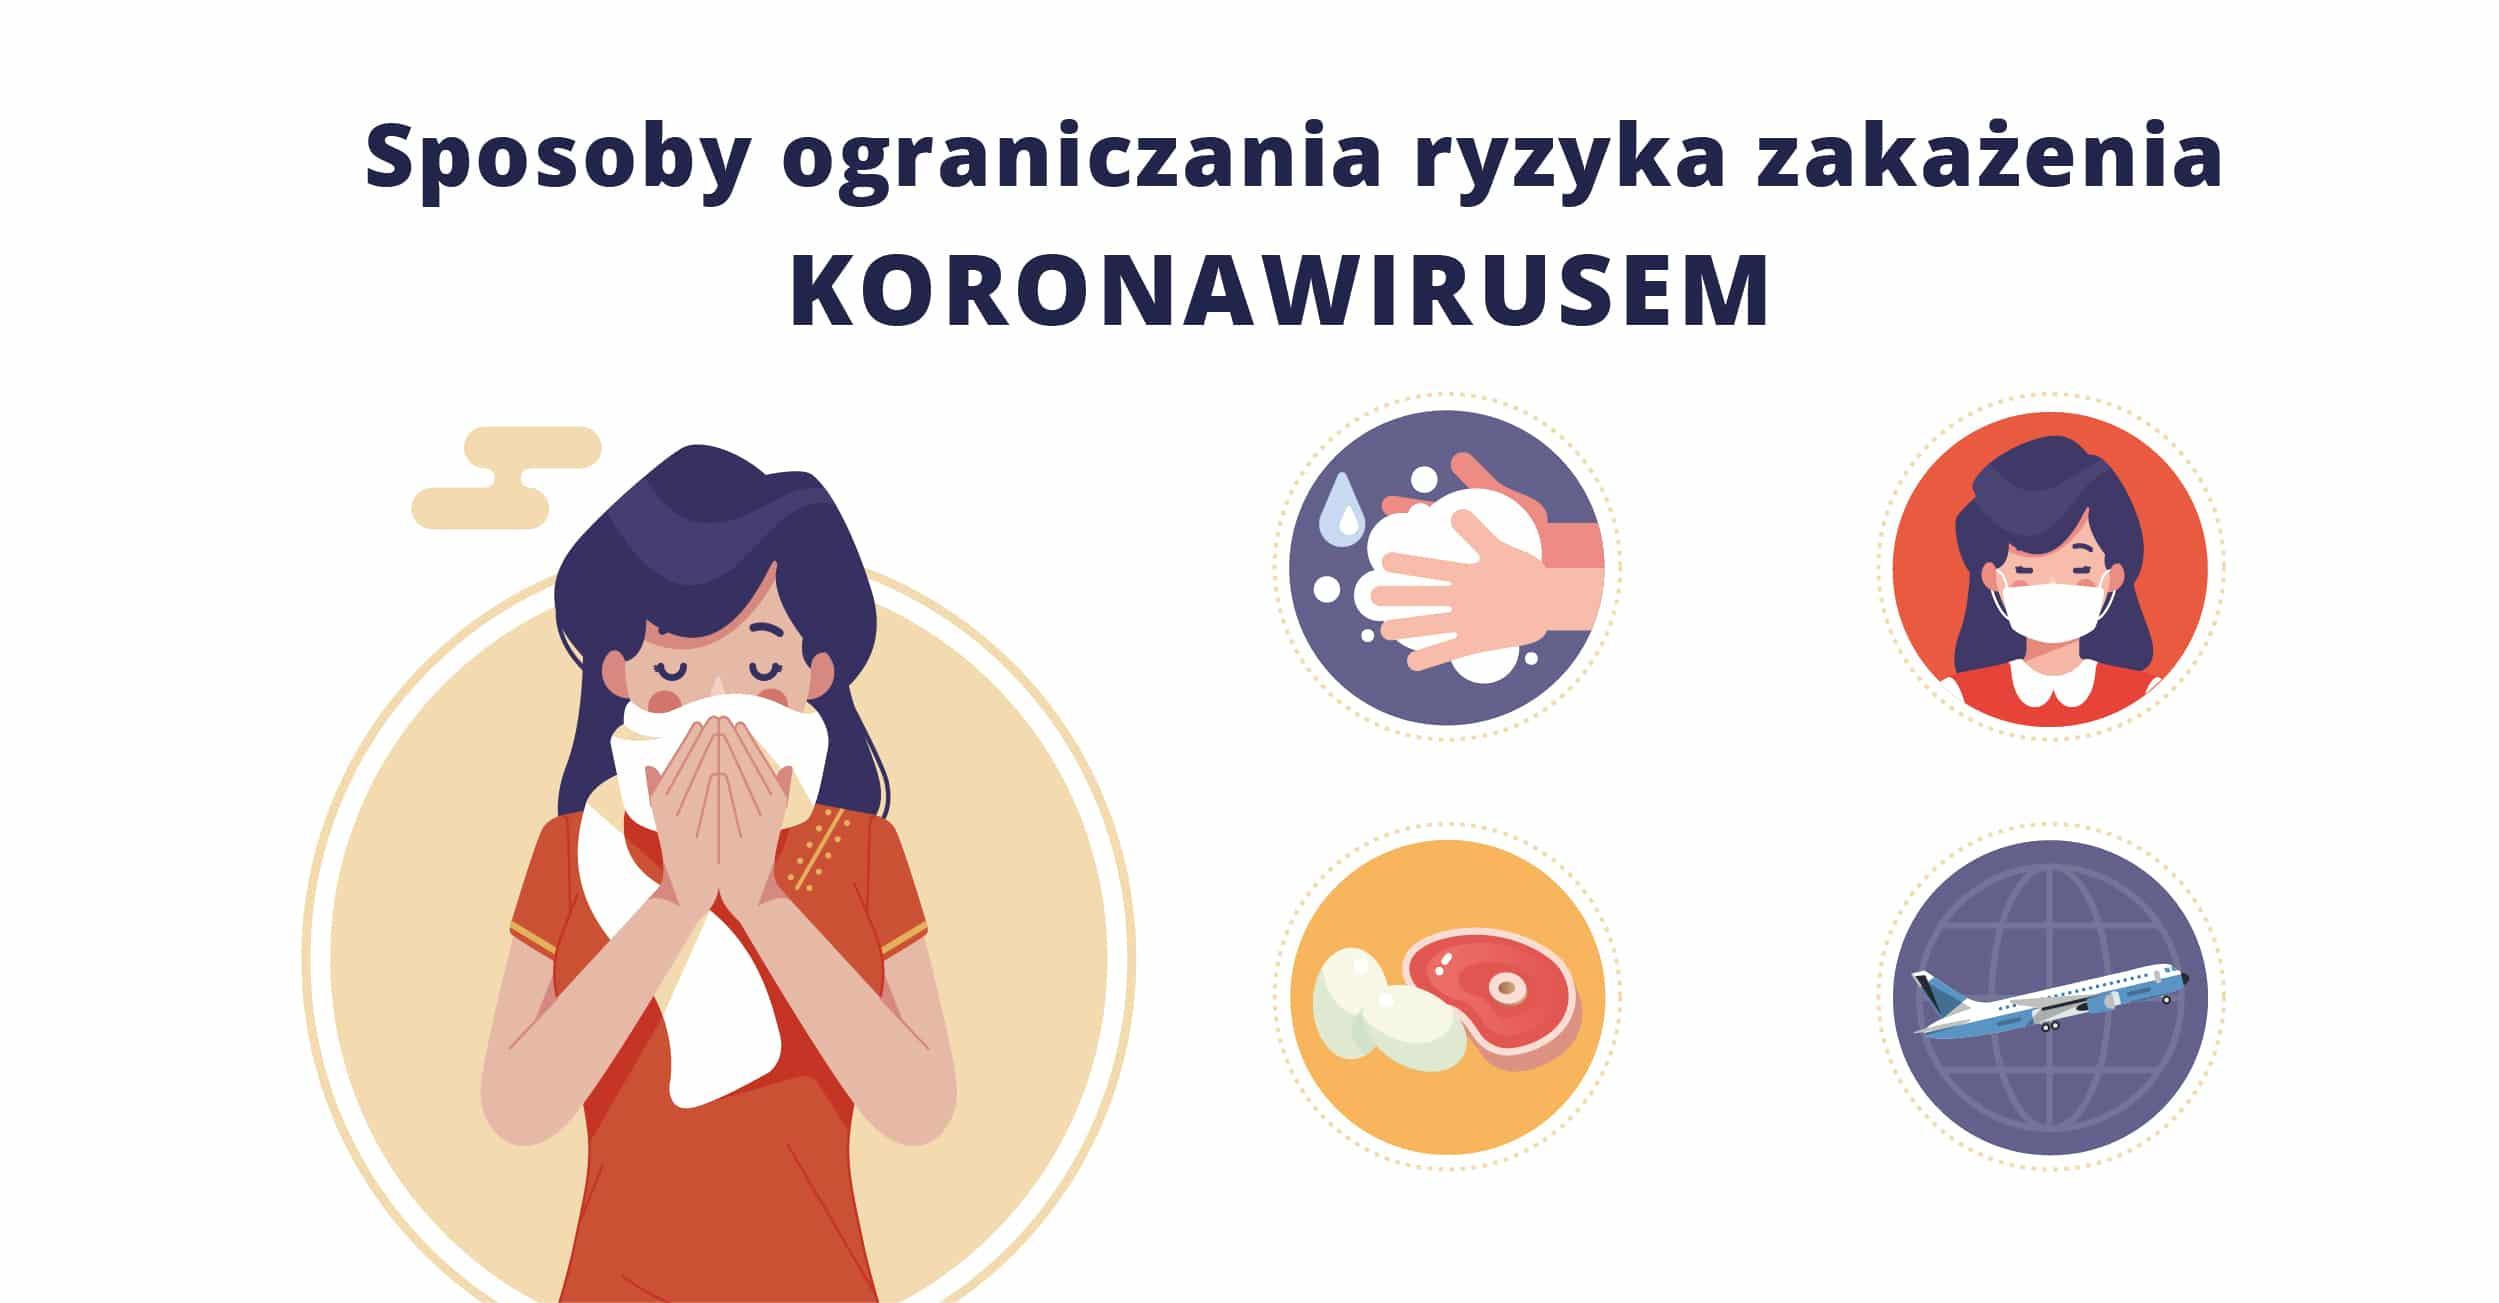 Sposoby ograniczania ryzyka zakażenia koronawirusem – plakat do pobrania